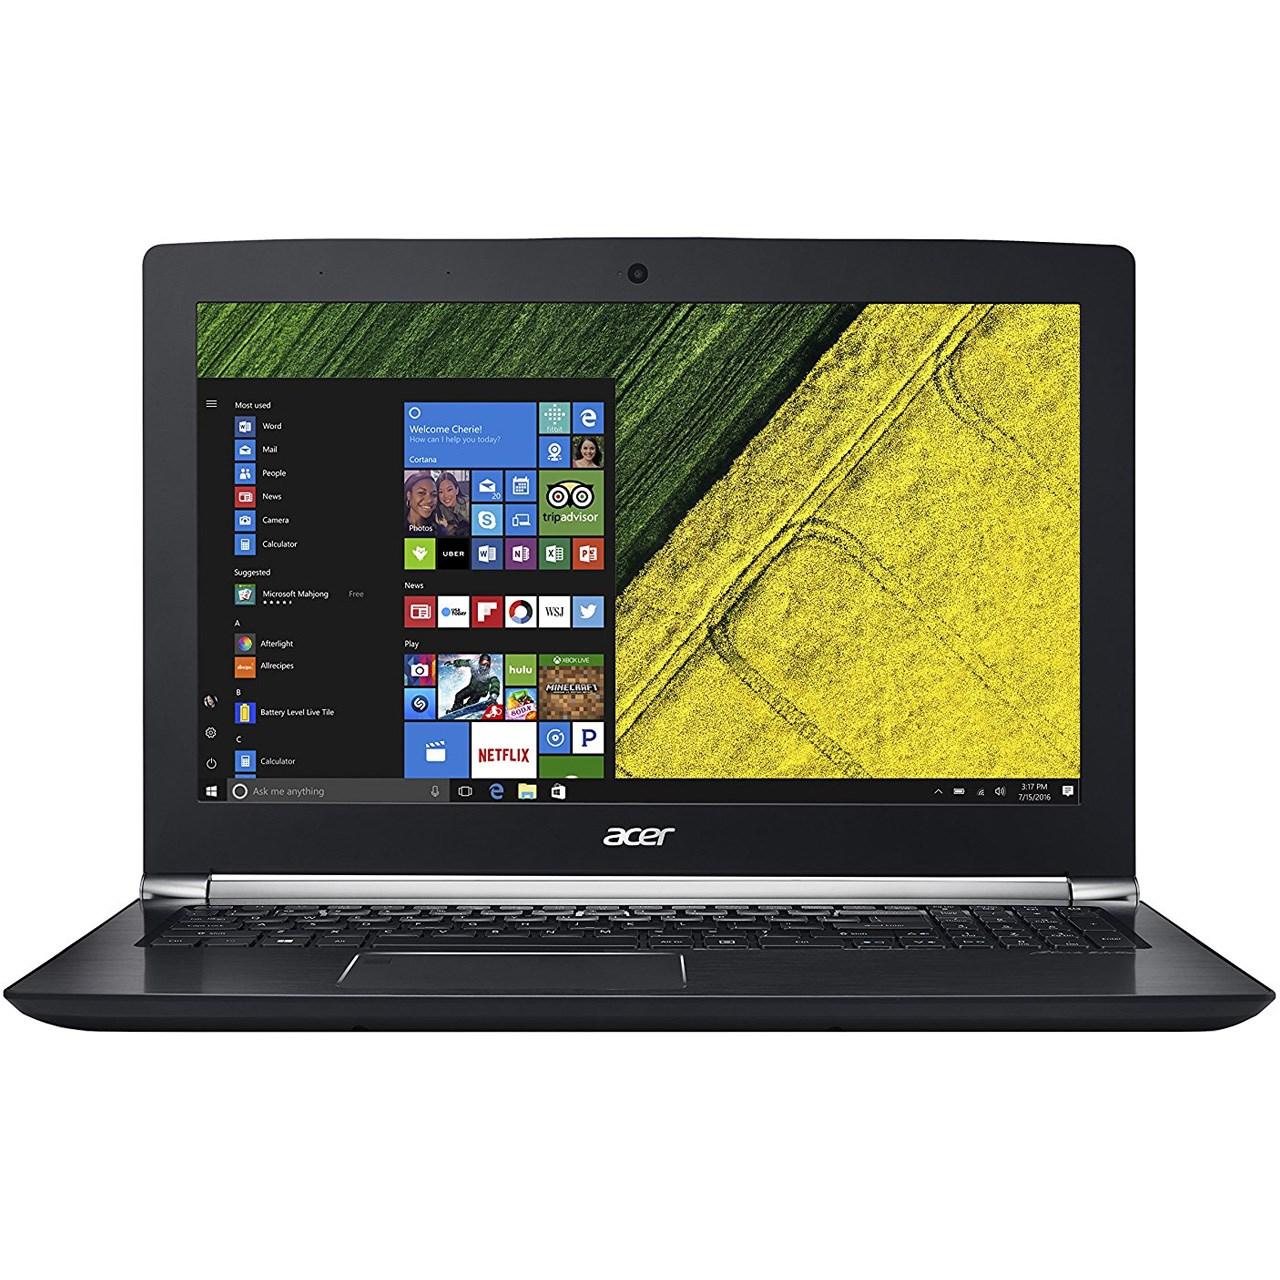 لپ تاپ 15 اینچی ایسر مدل Aspire V15 Nitro VN7-593G-73FZ